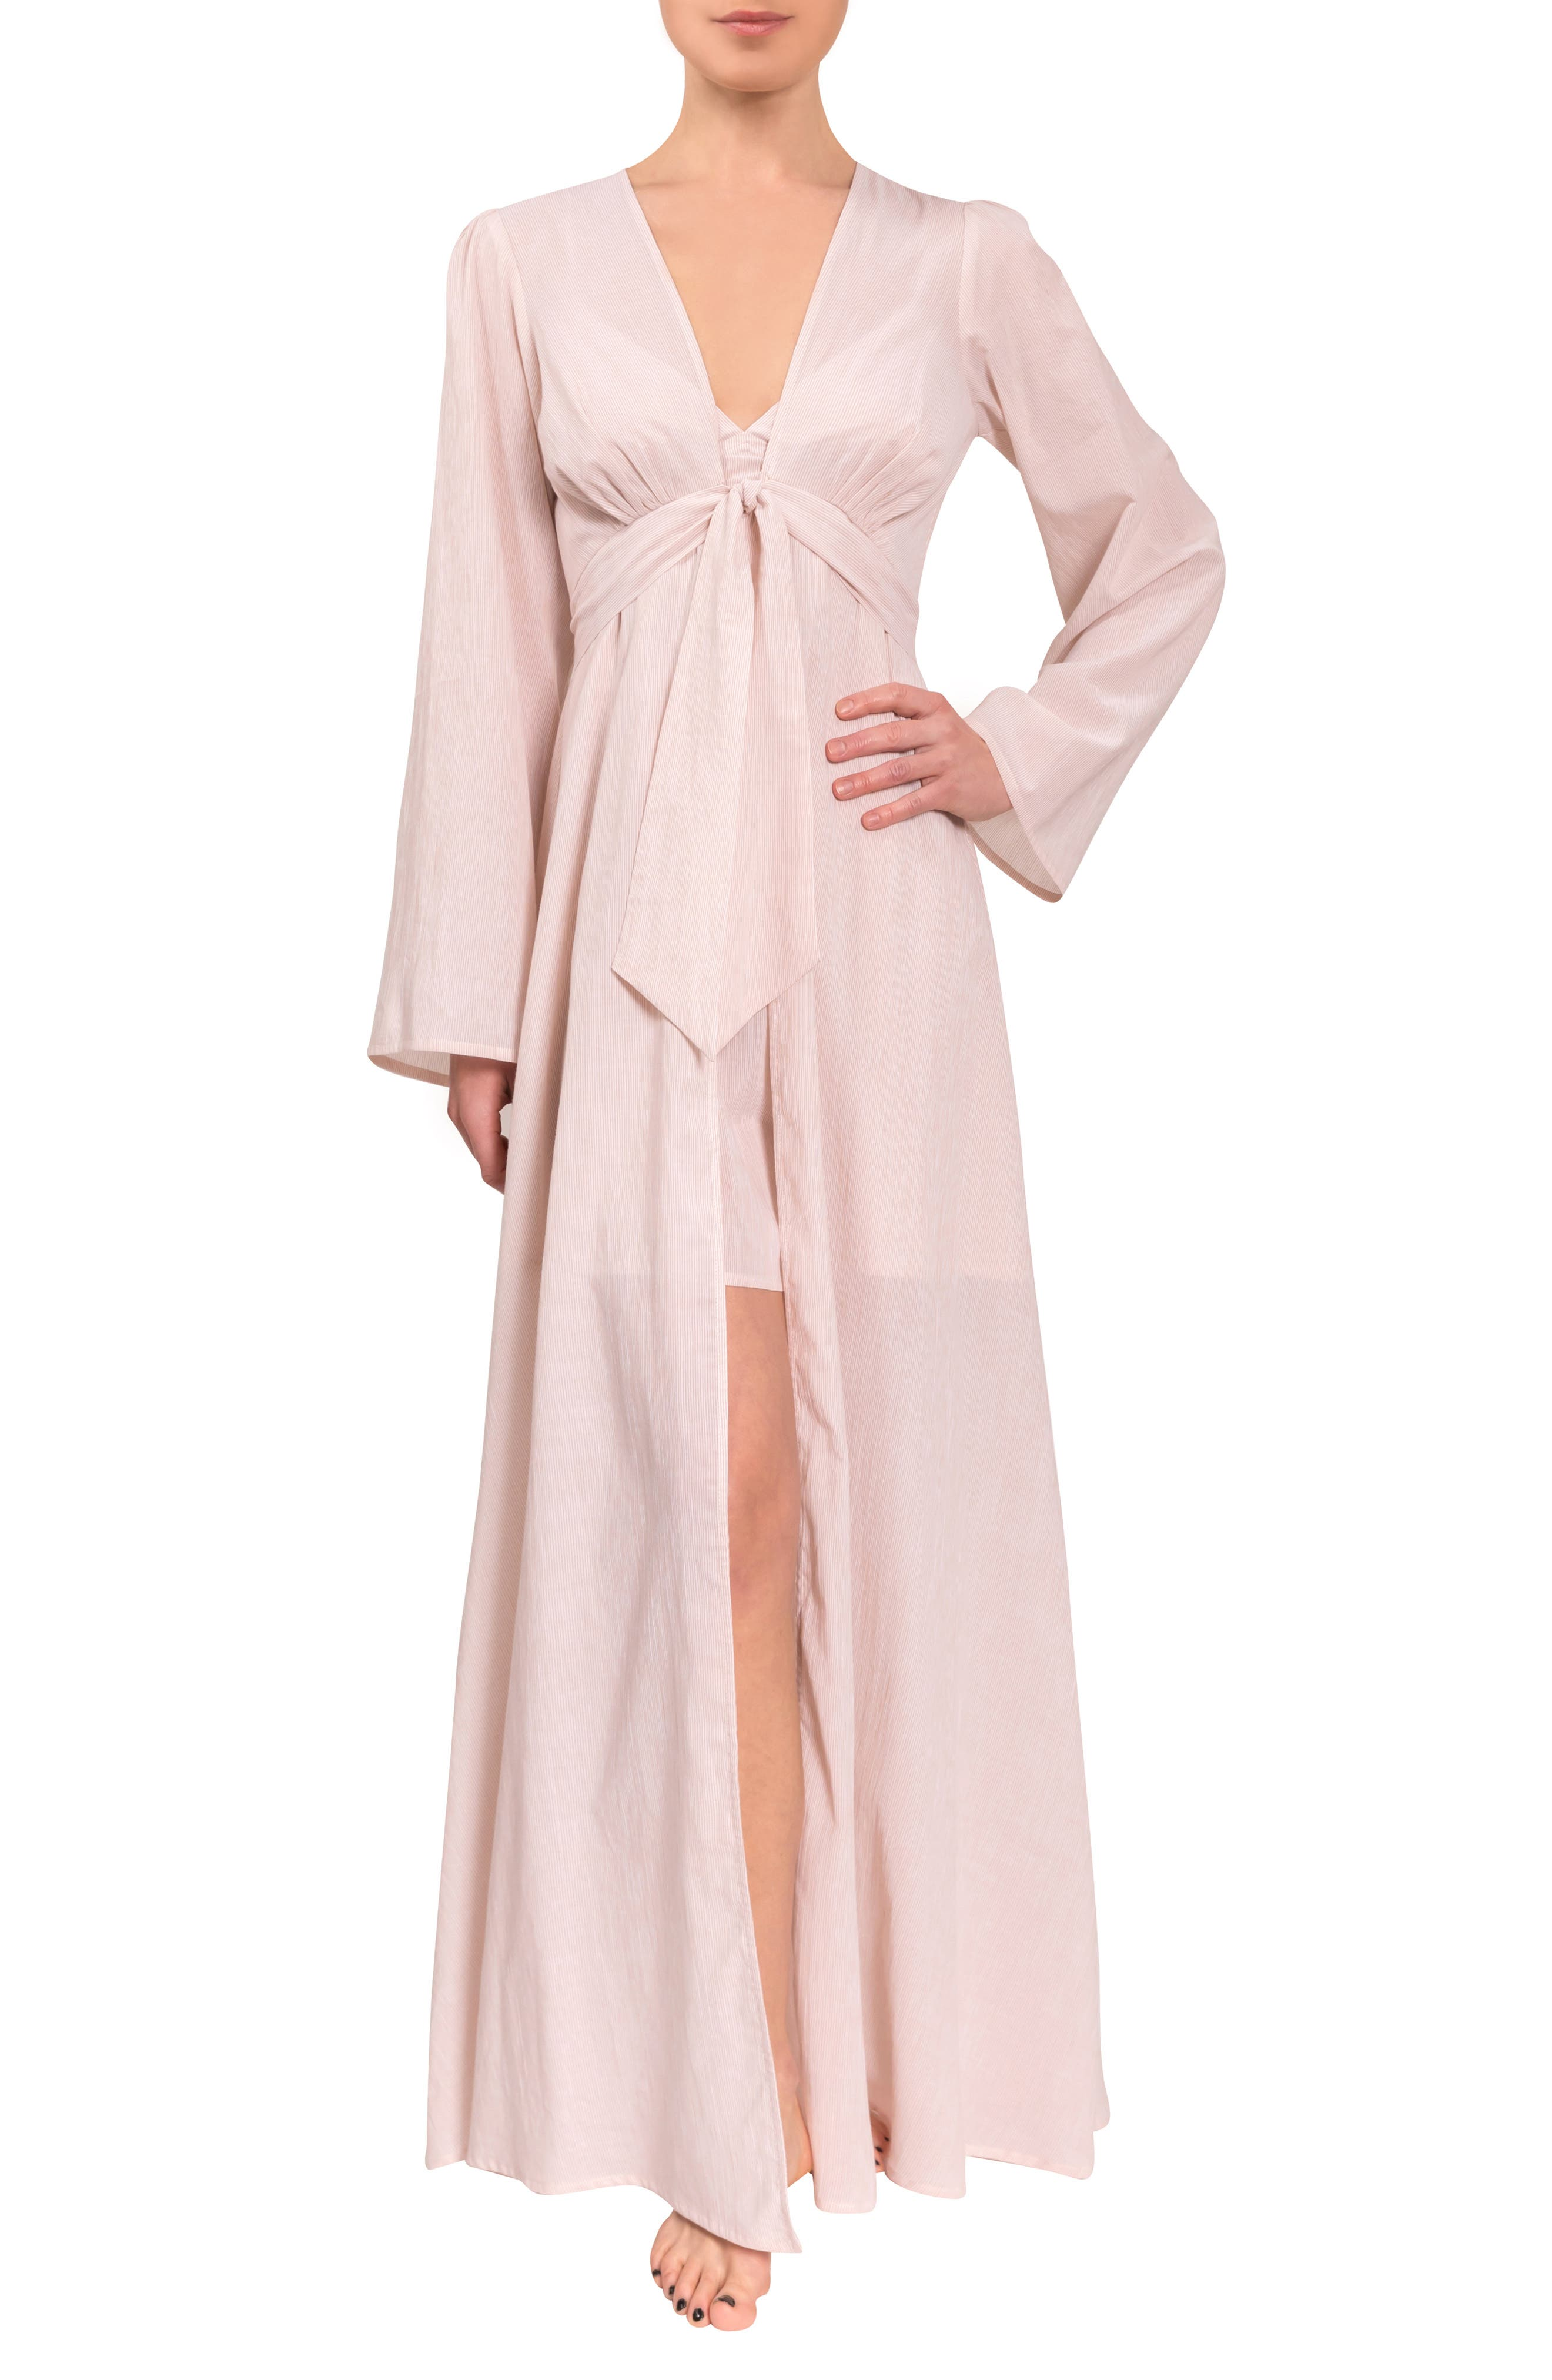 Diana Long Robe